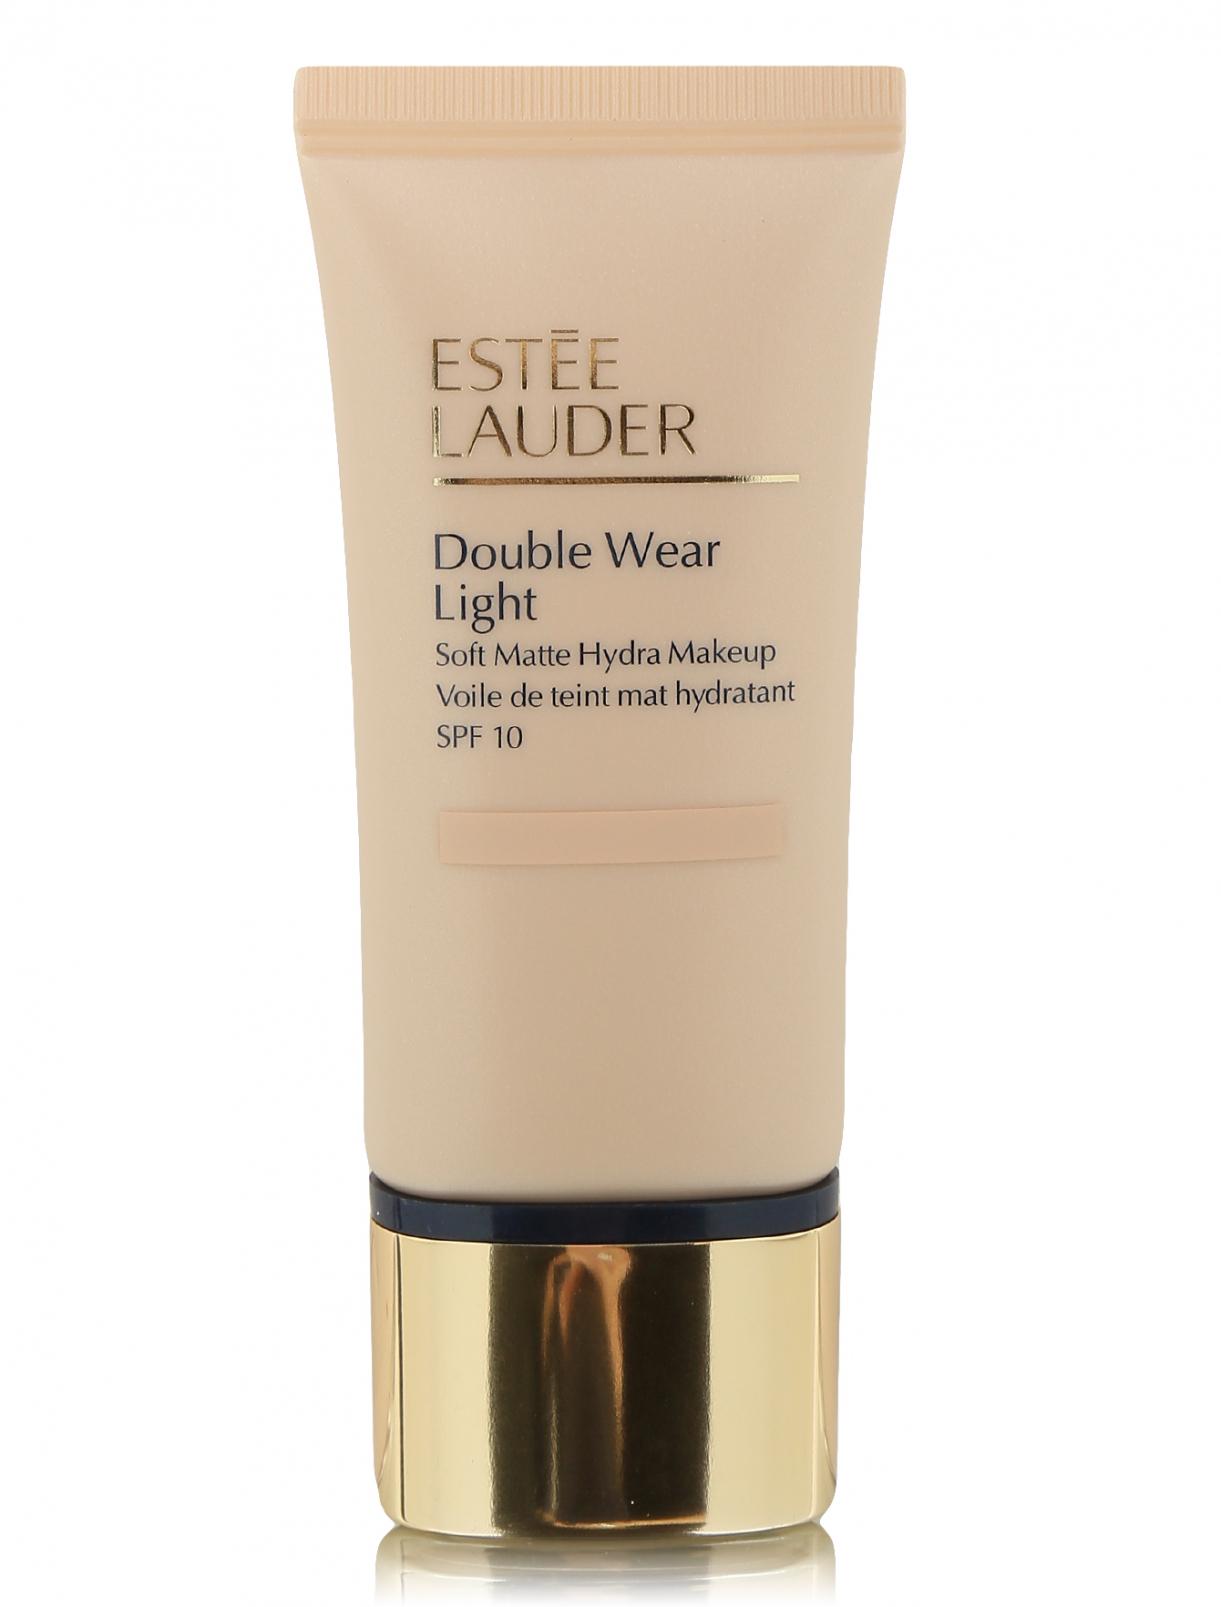 Тональный Крем Double Wear Light Makeup Estee Lauder  –  Общий вид